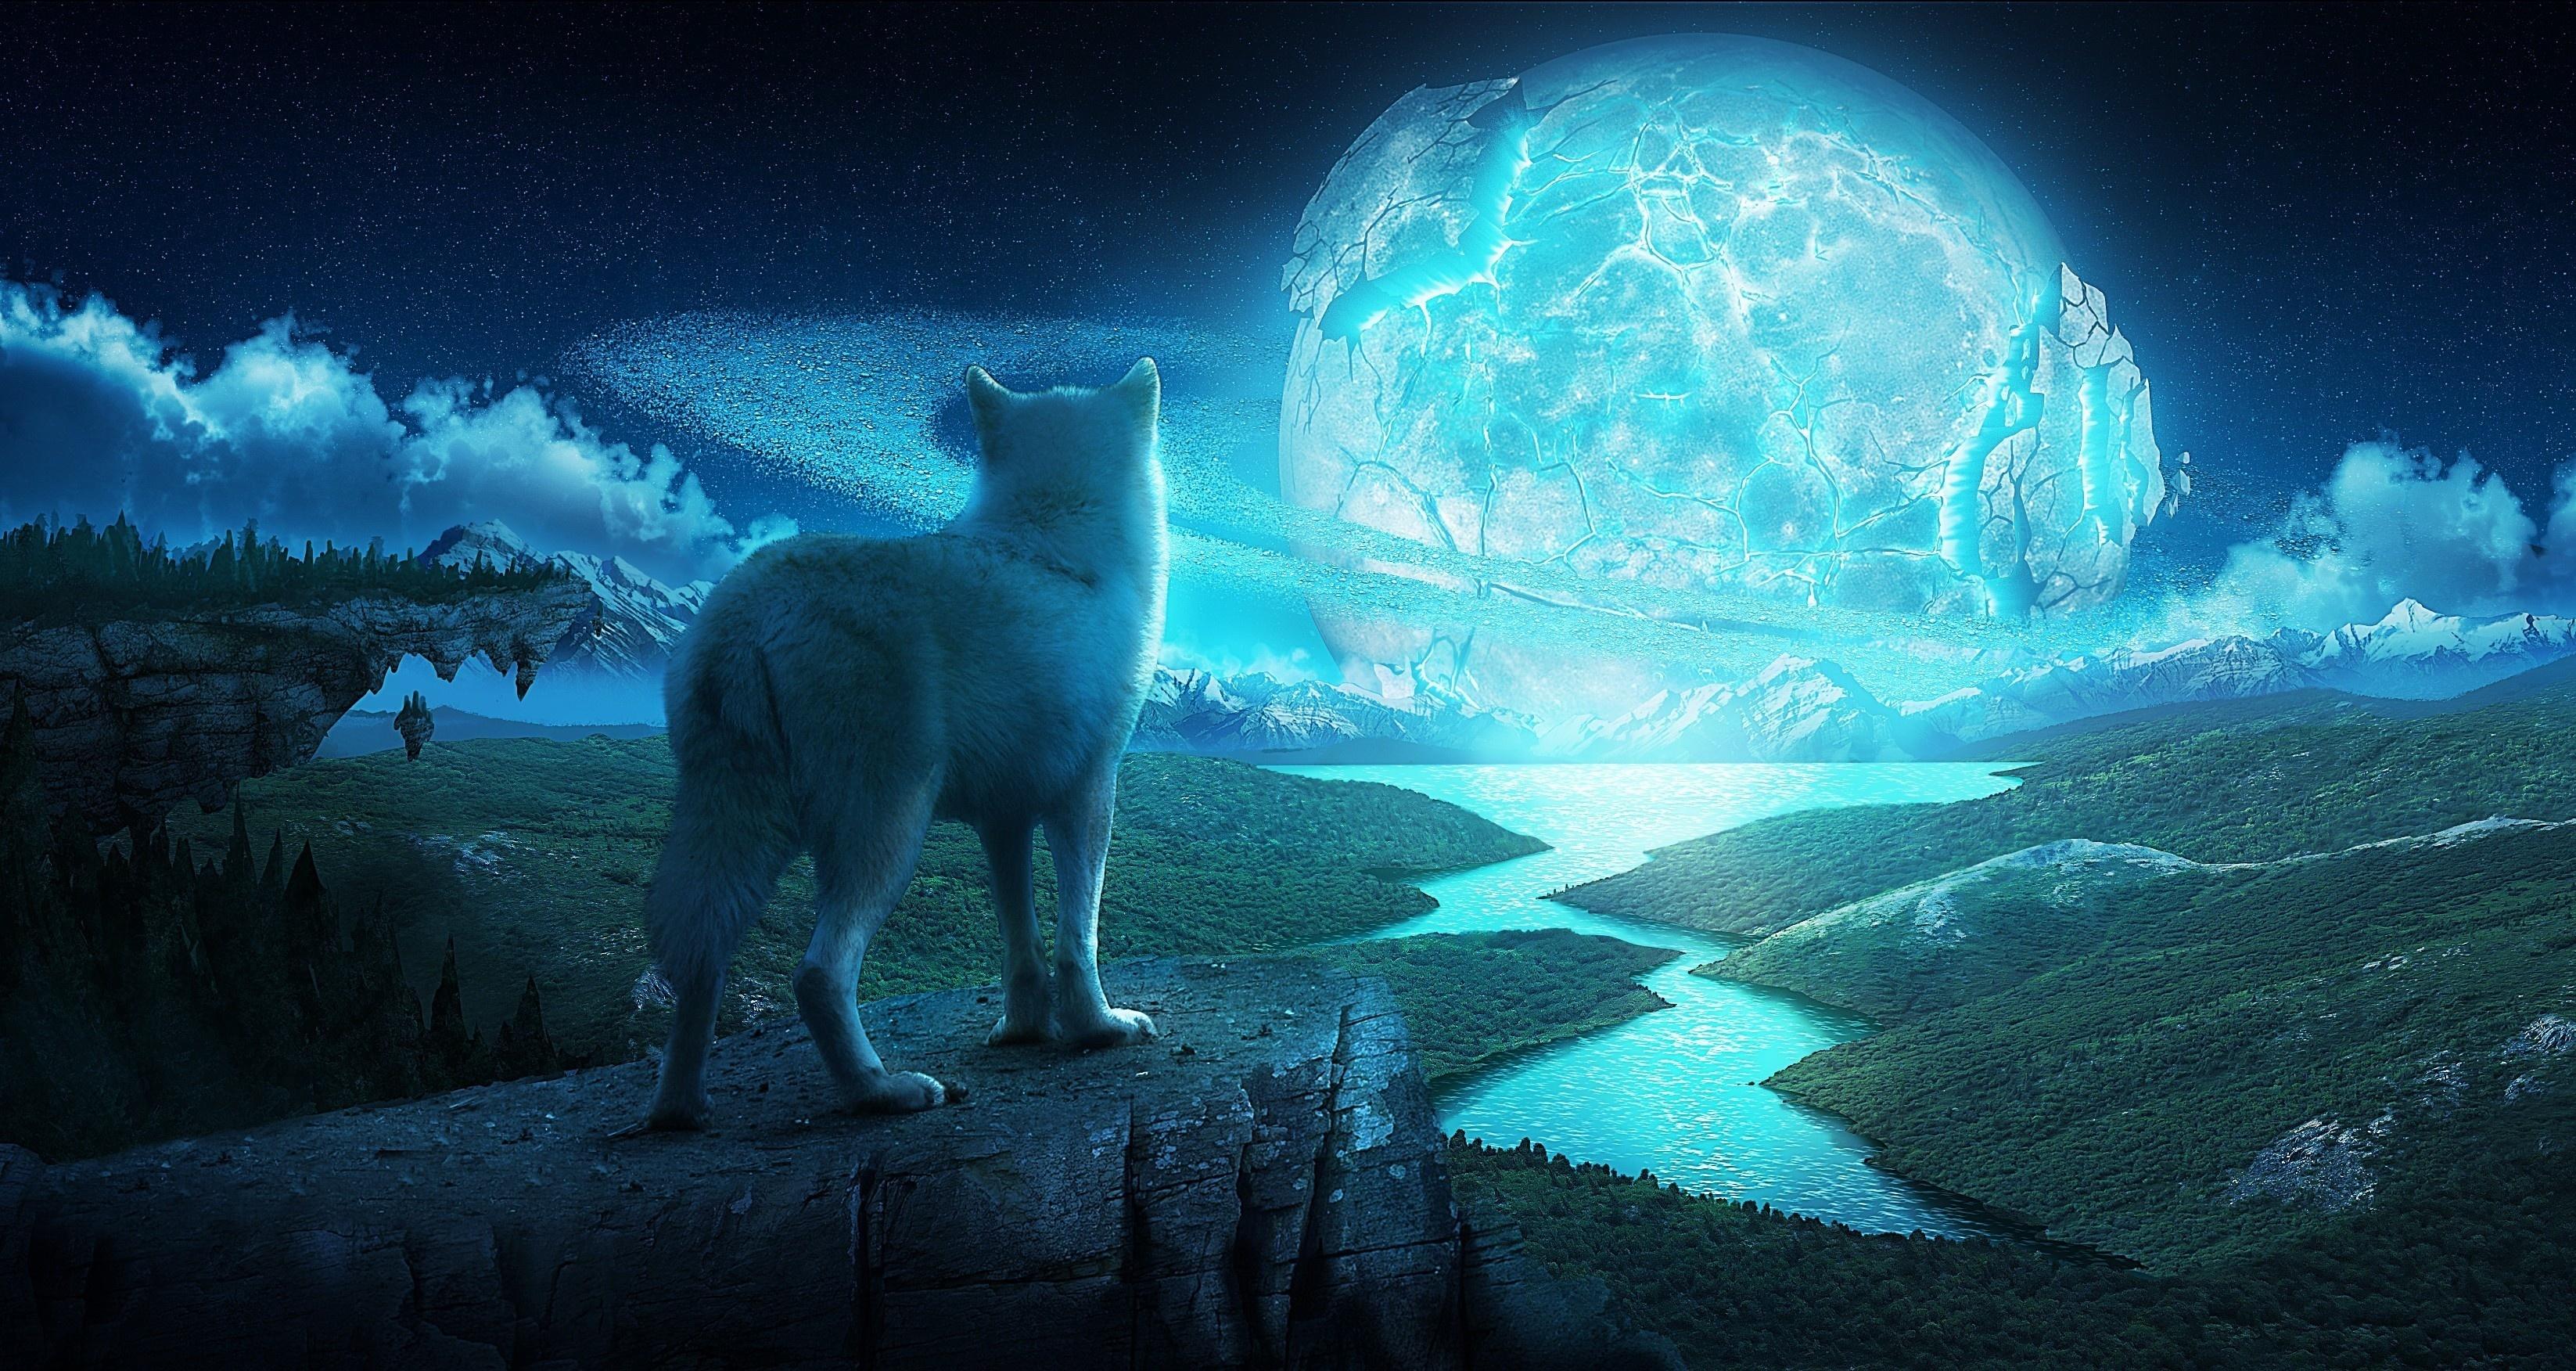 デスクトップ壁紙 3293x1752 Px アート ファンタジー 風景 夜 惑星 狼 オオカミ 3293x1752 Goodfon デスクトップ壁紙 Wallhere